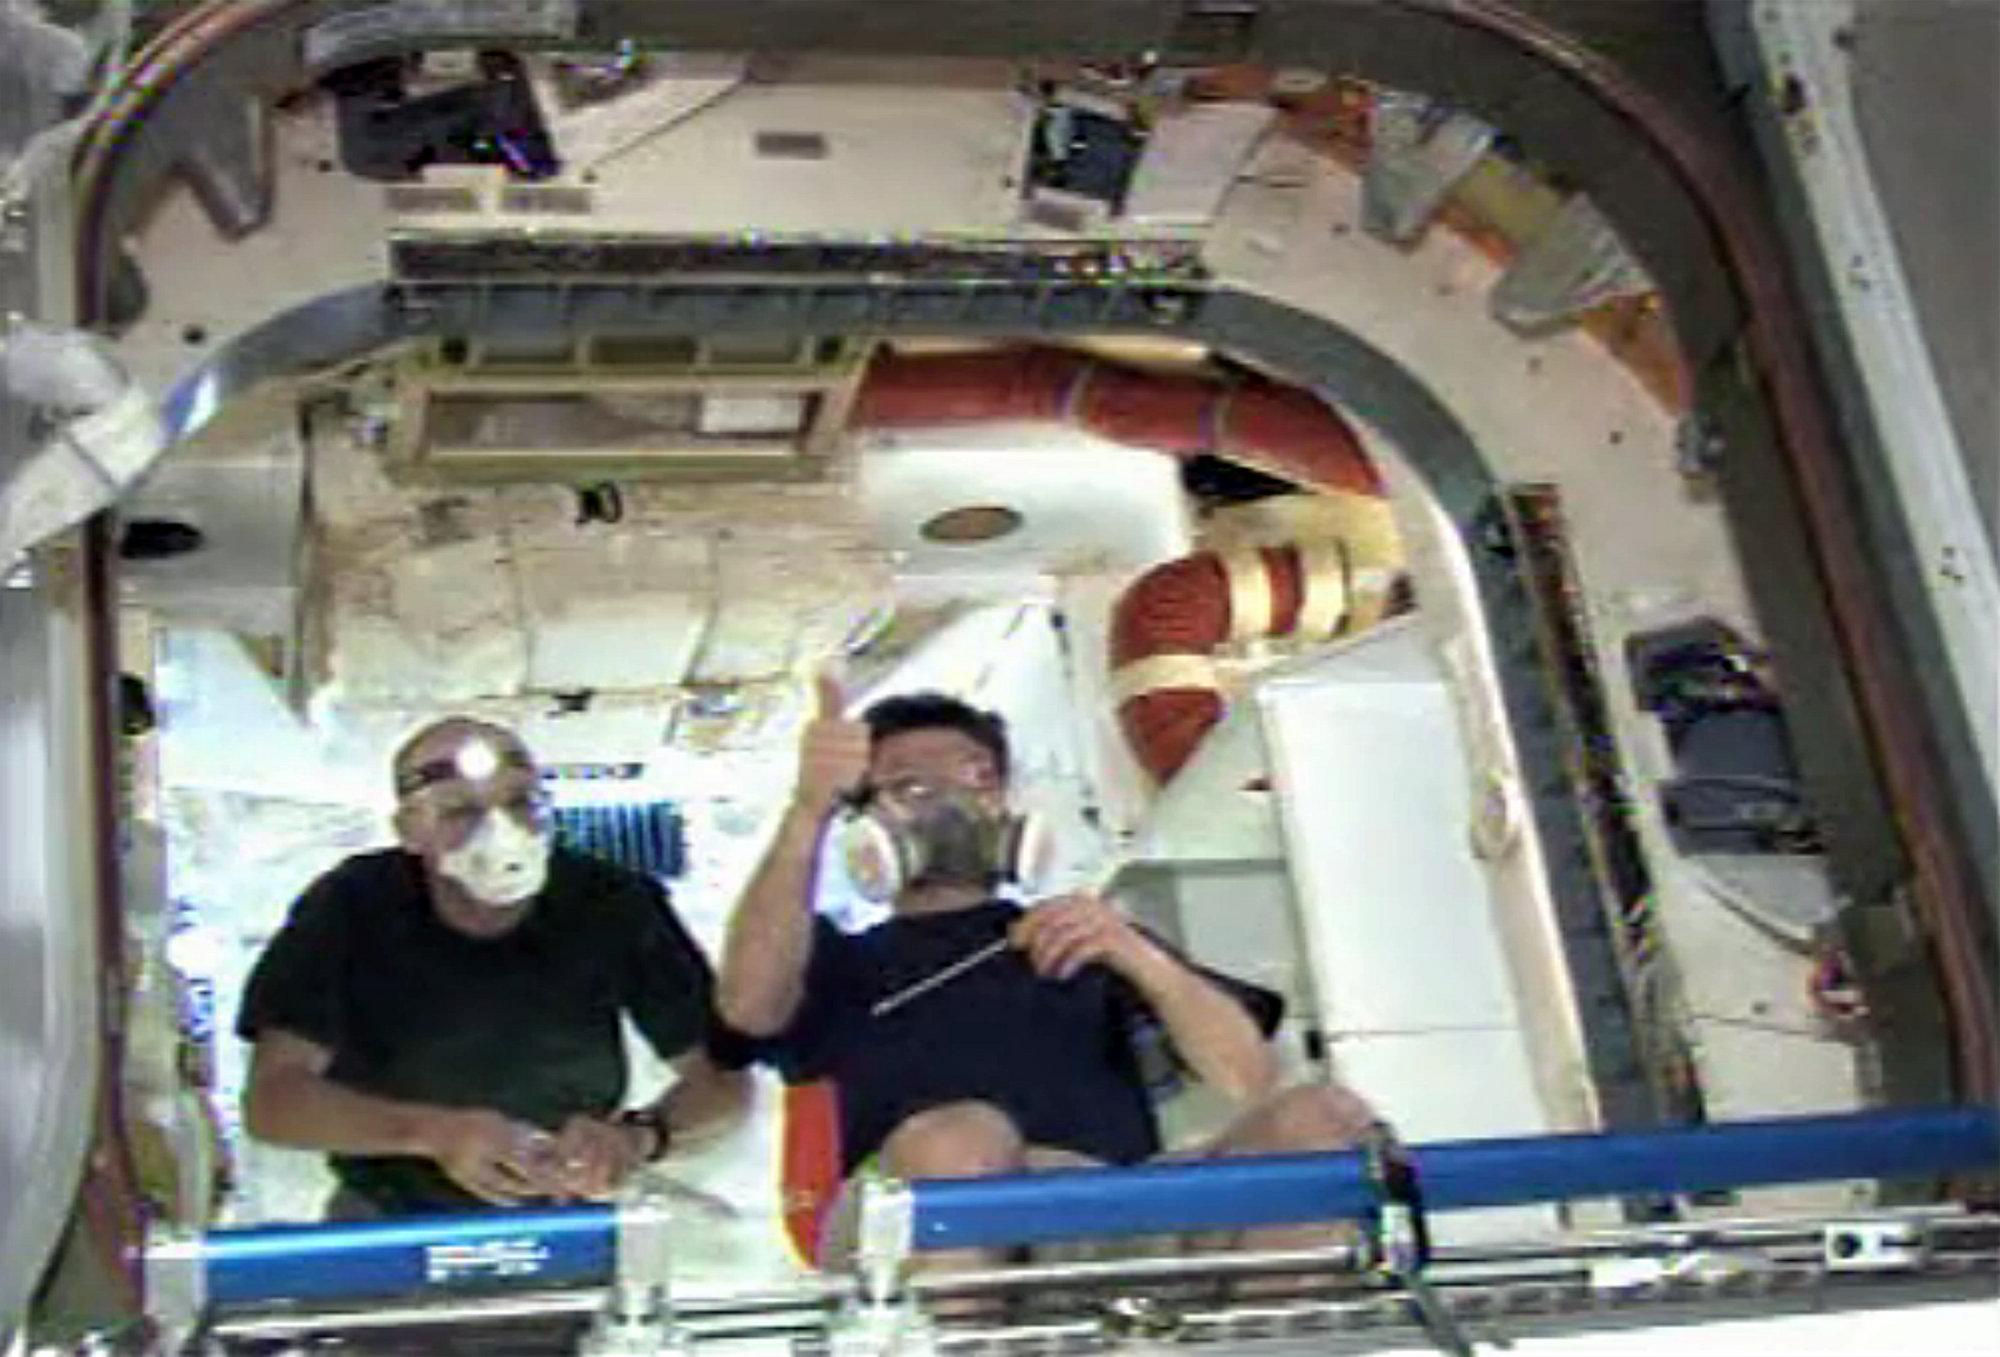 La nave de SpaceX huele a «coche nuevo», según los astronautas de la ISS